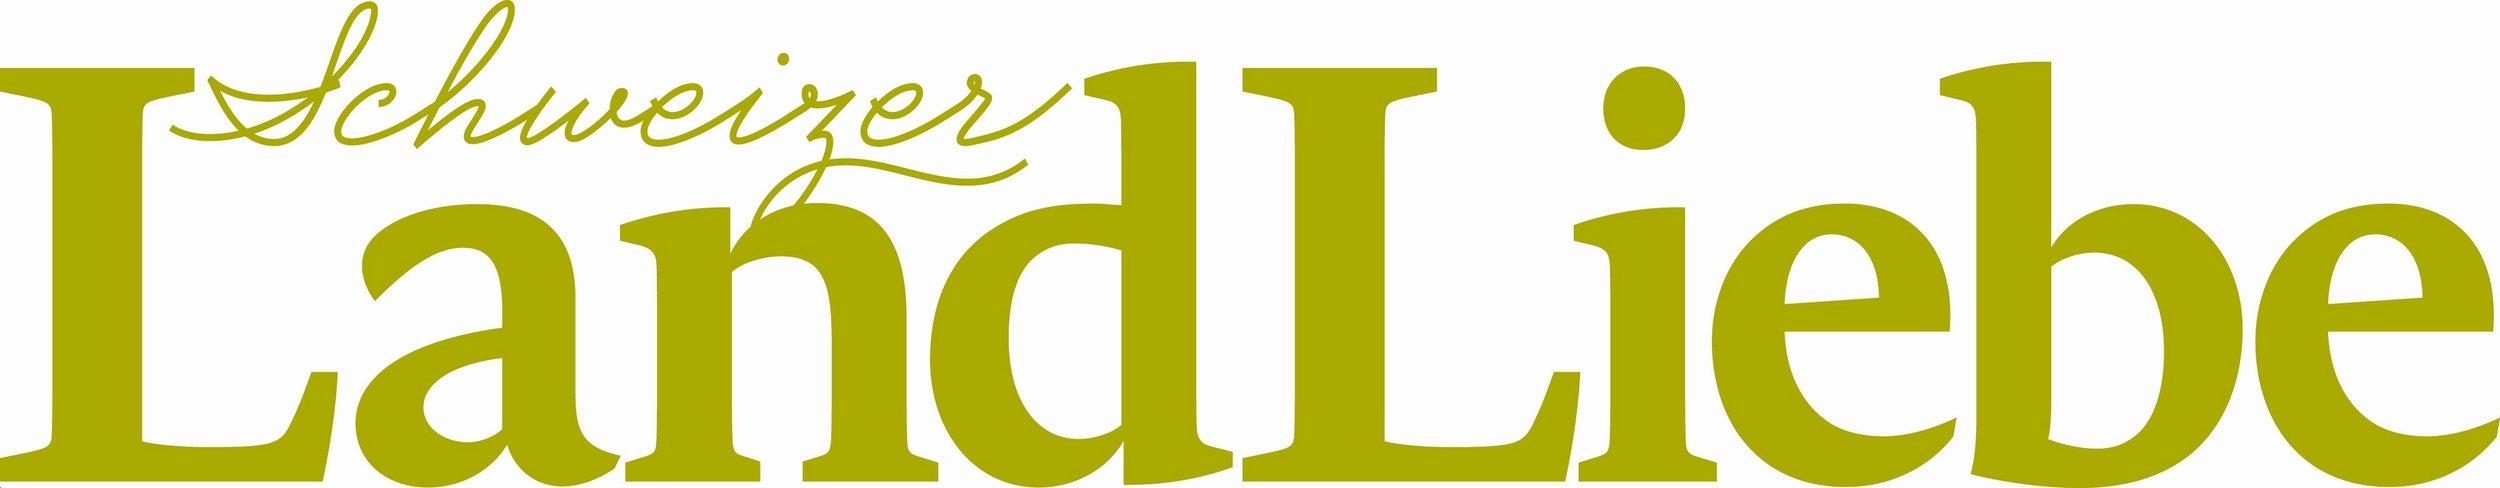 0007B48B-202020202020202020202020202020_logo.jpg